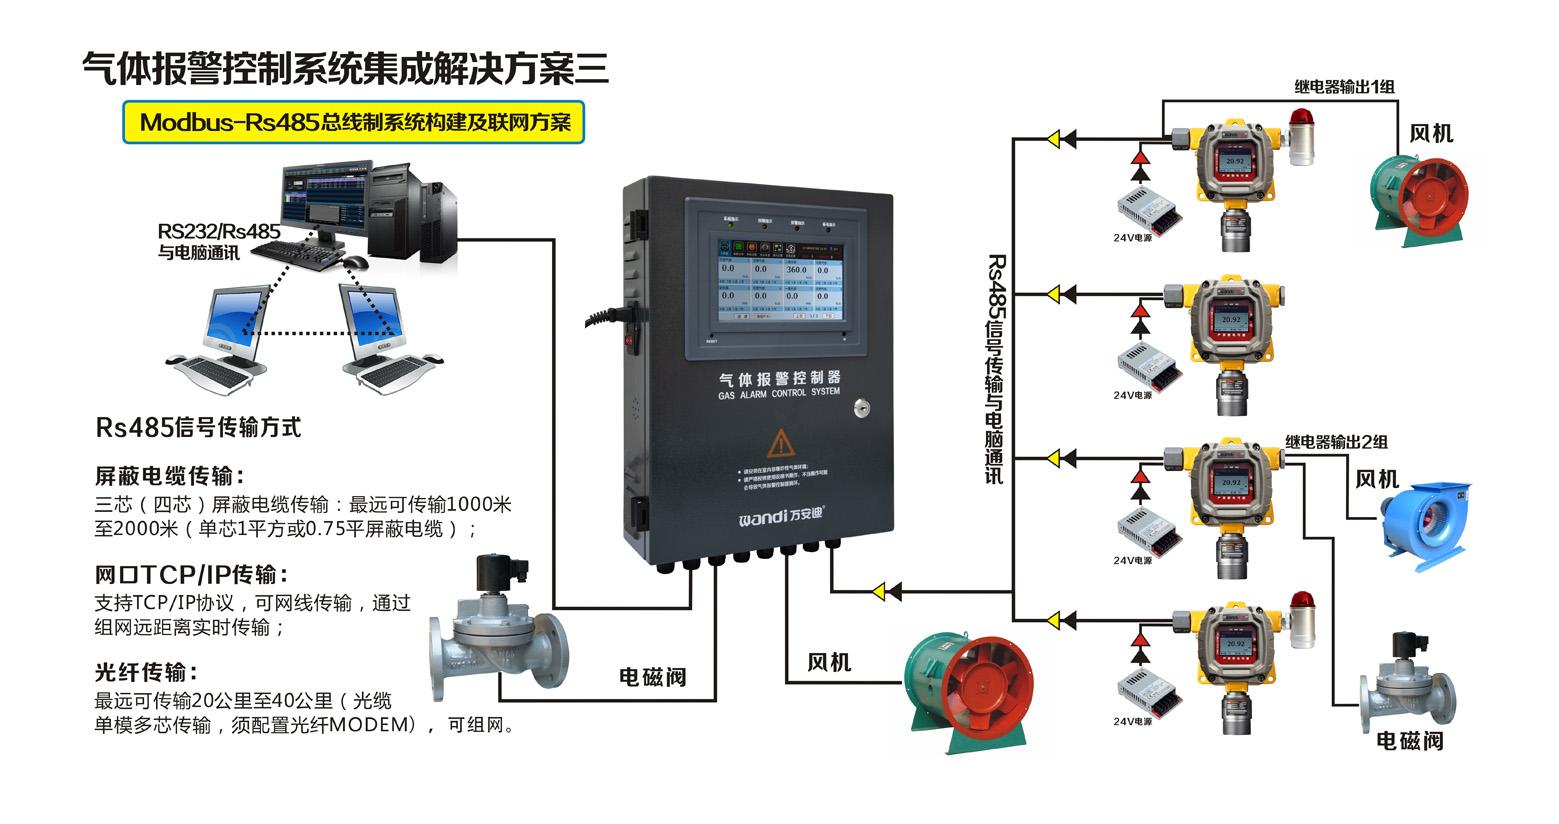 探测器Modbus-Rs485总线制信号联网方案